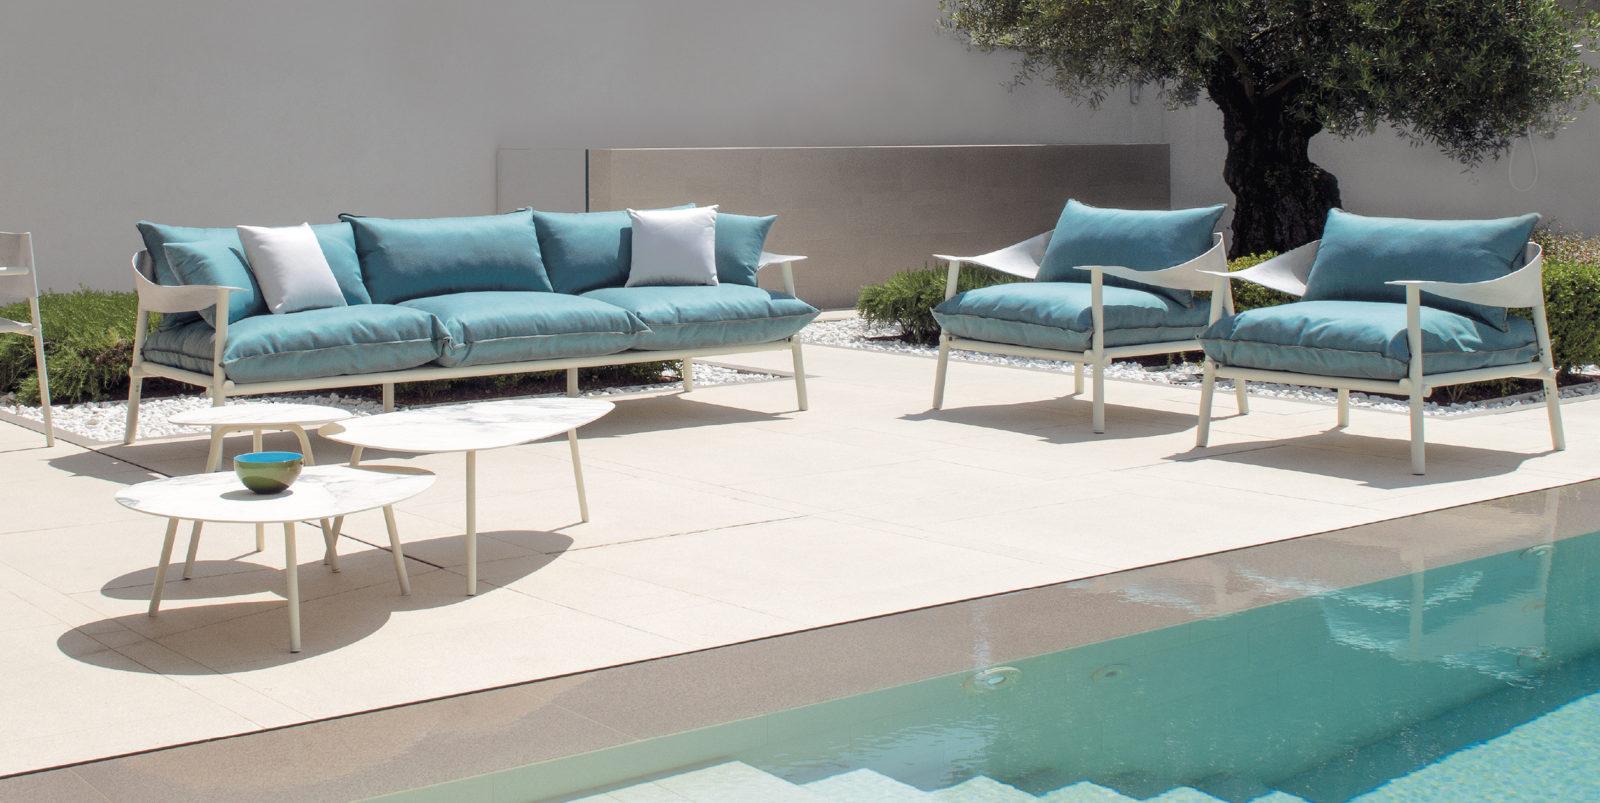 Mobilier de jardin // BIARRITZ - Buxus / Mobilier outdoor